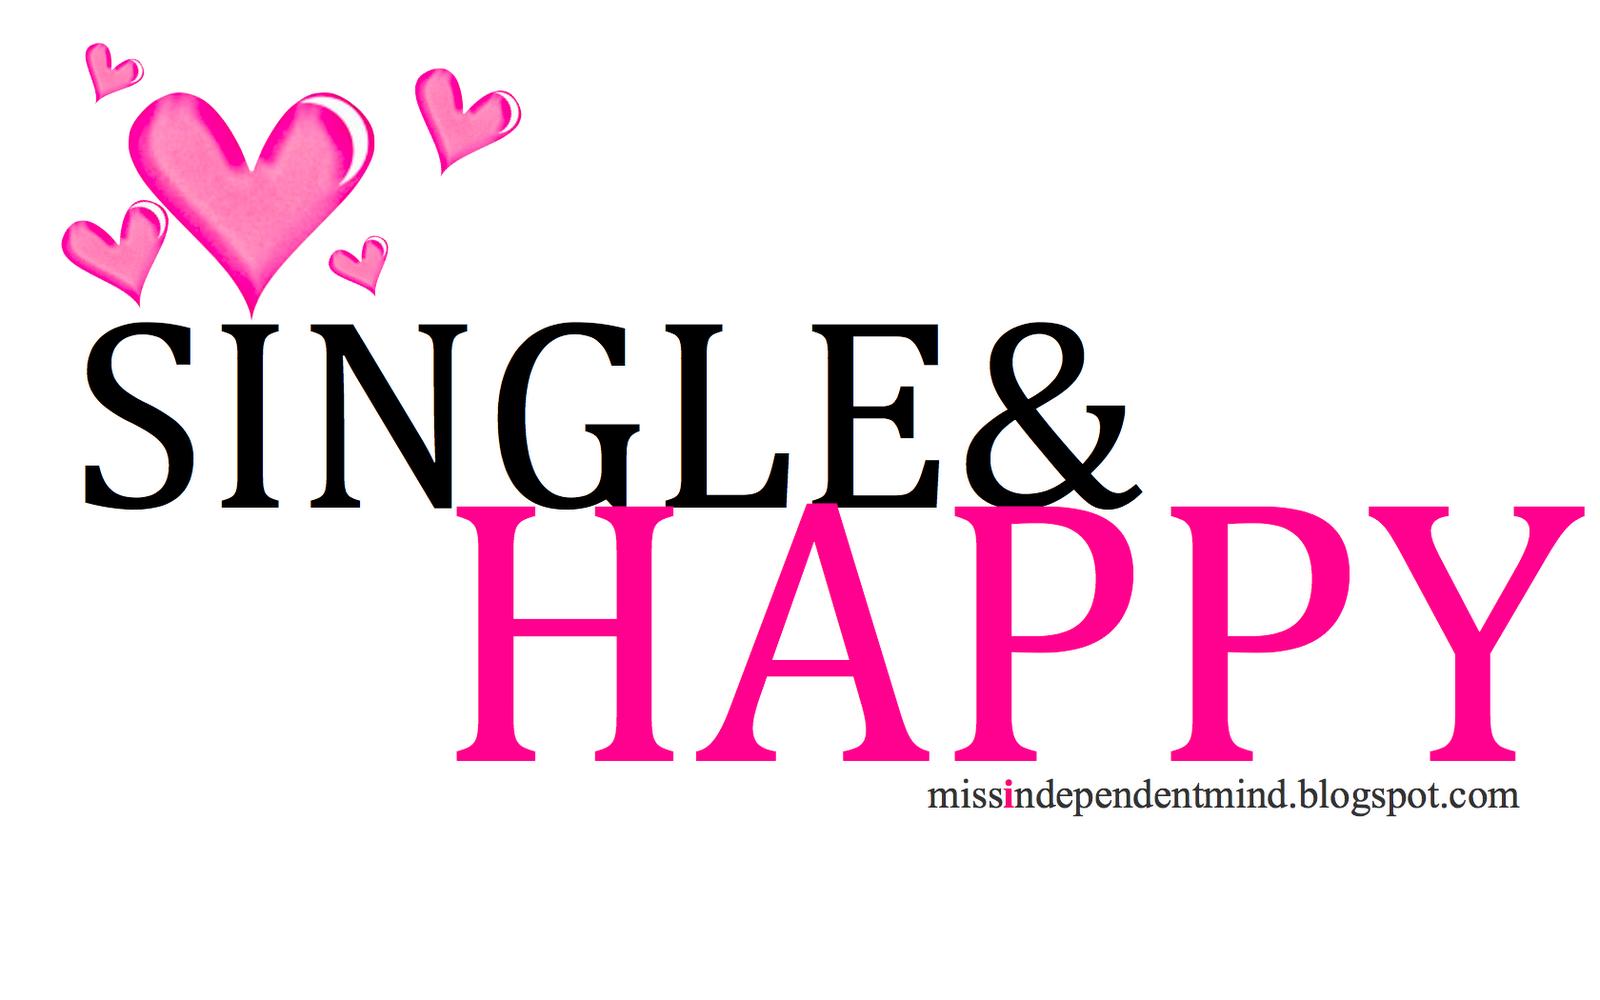 Single sayings